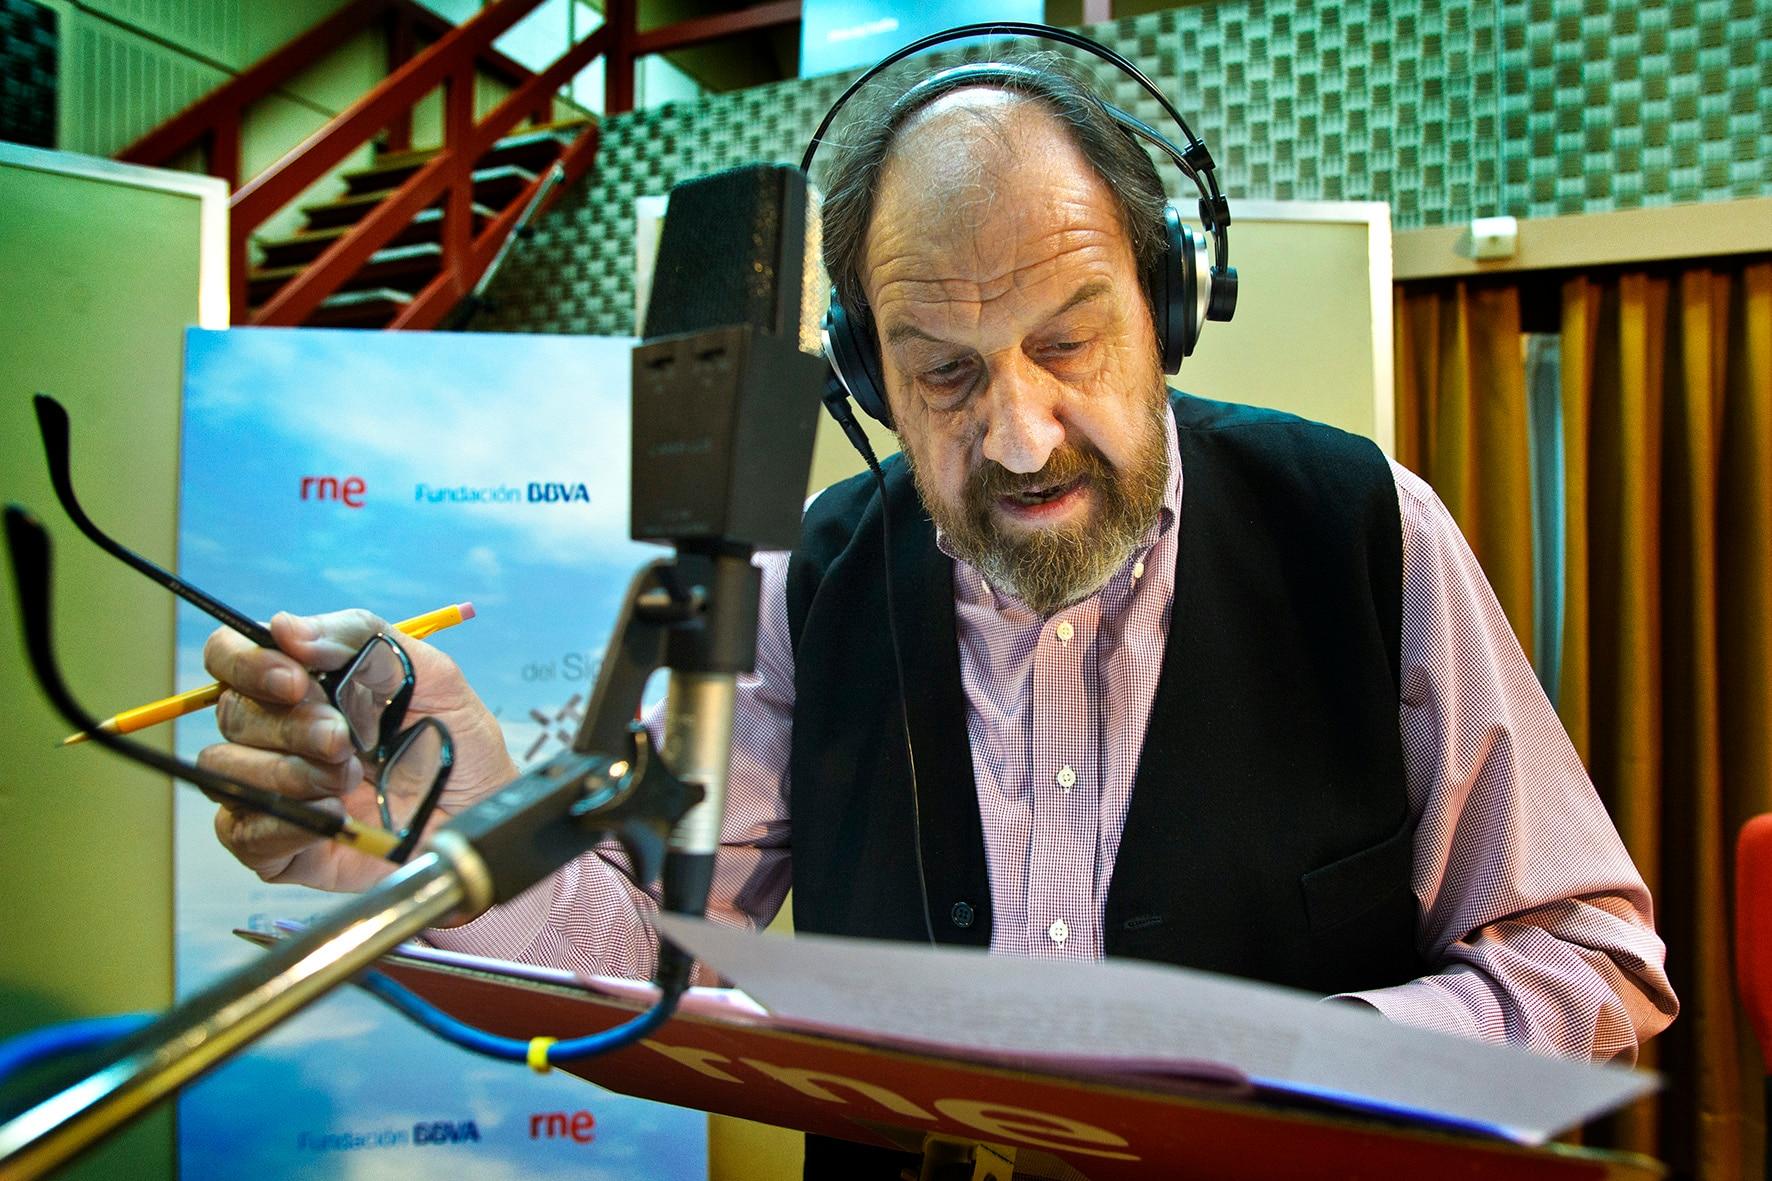 Fotografía de José María Pou interpretando a Don Quijote